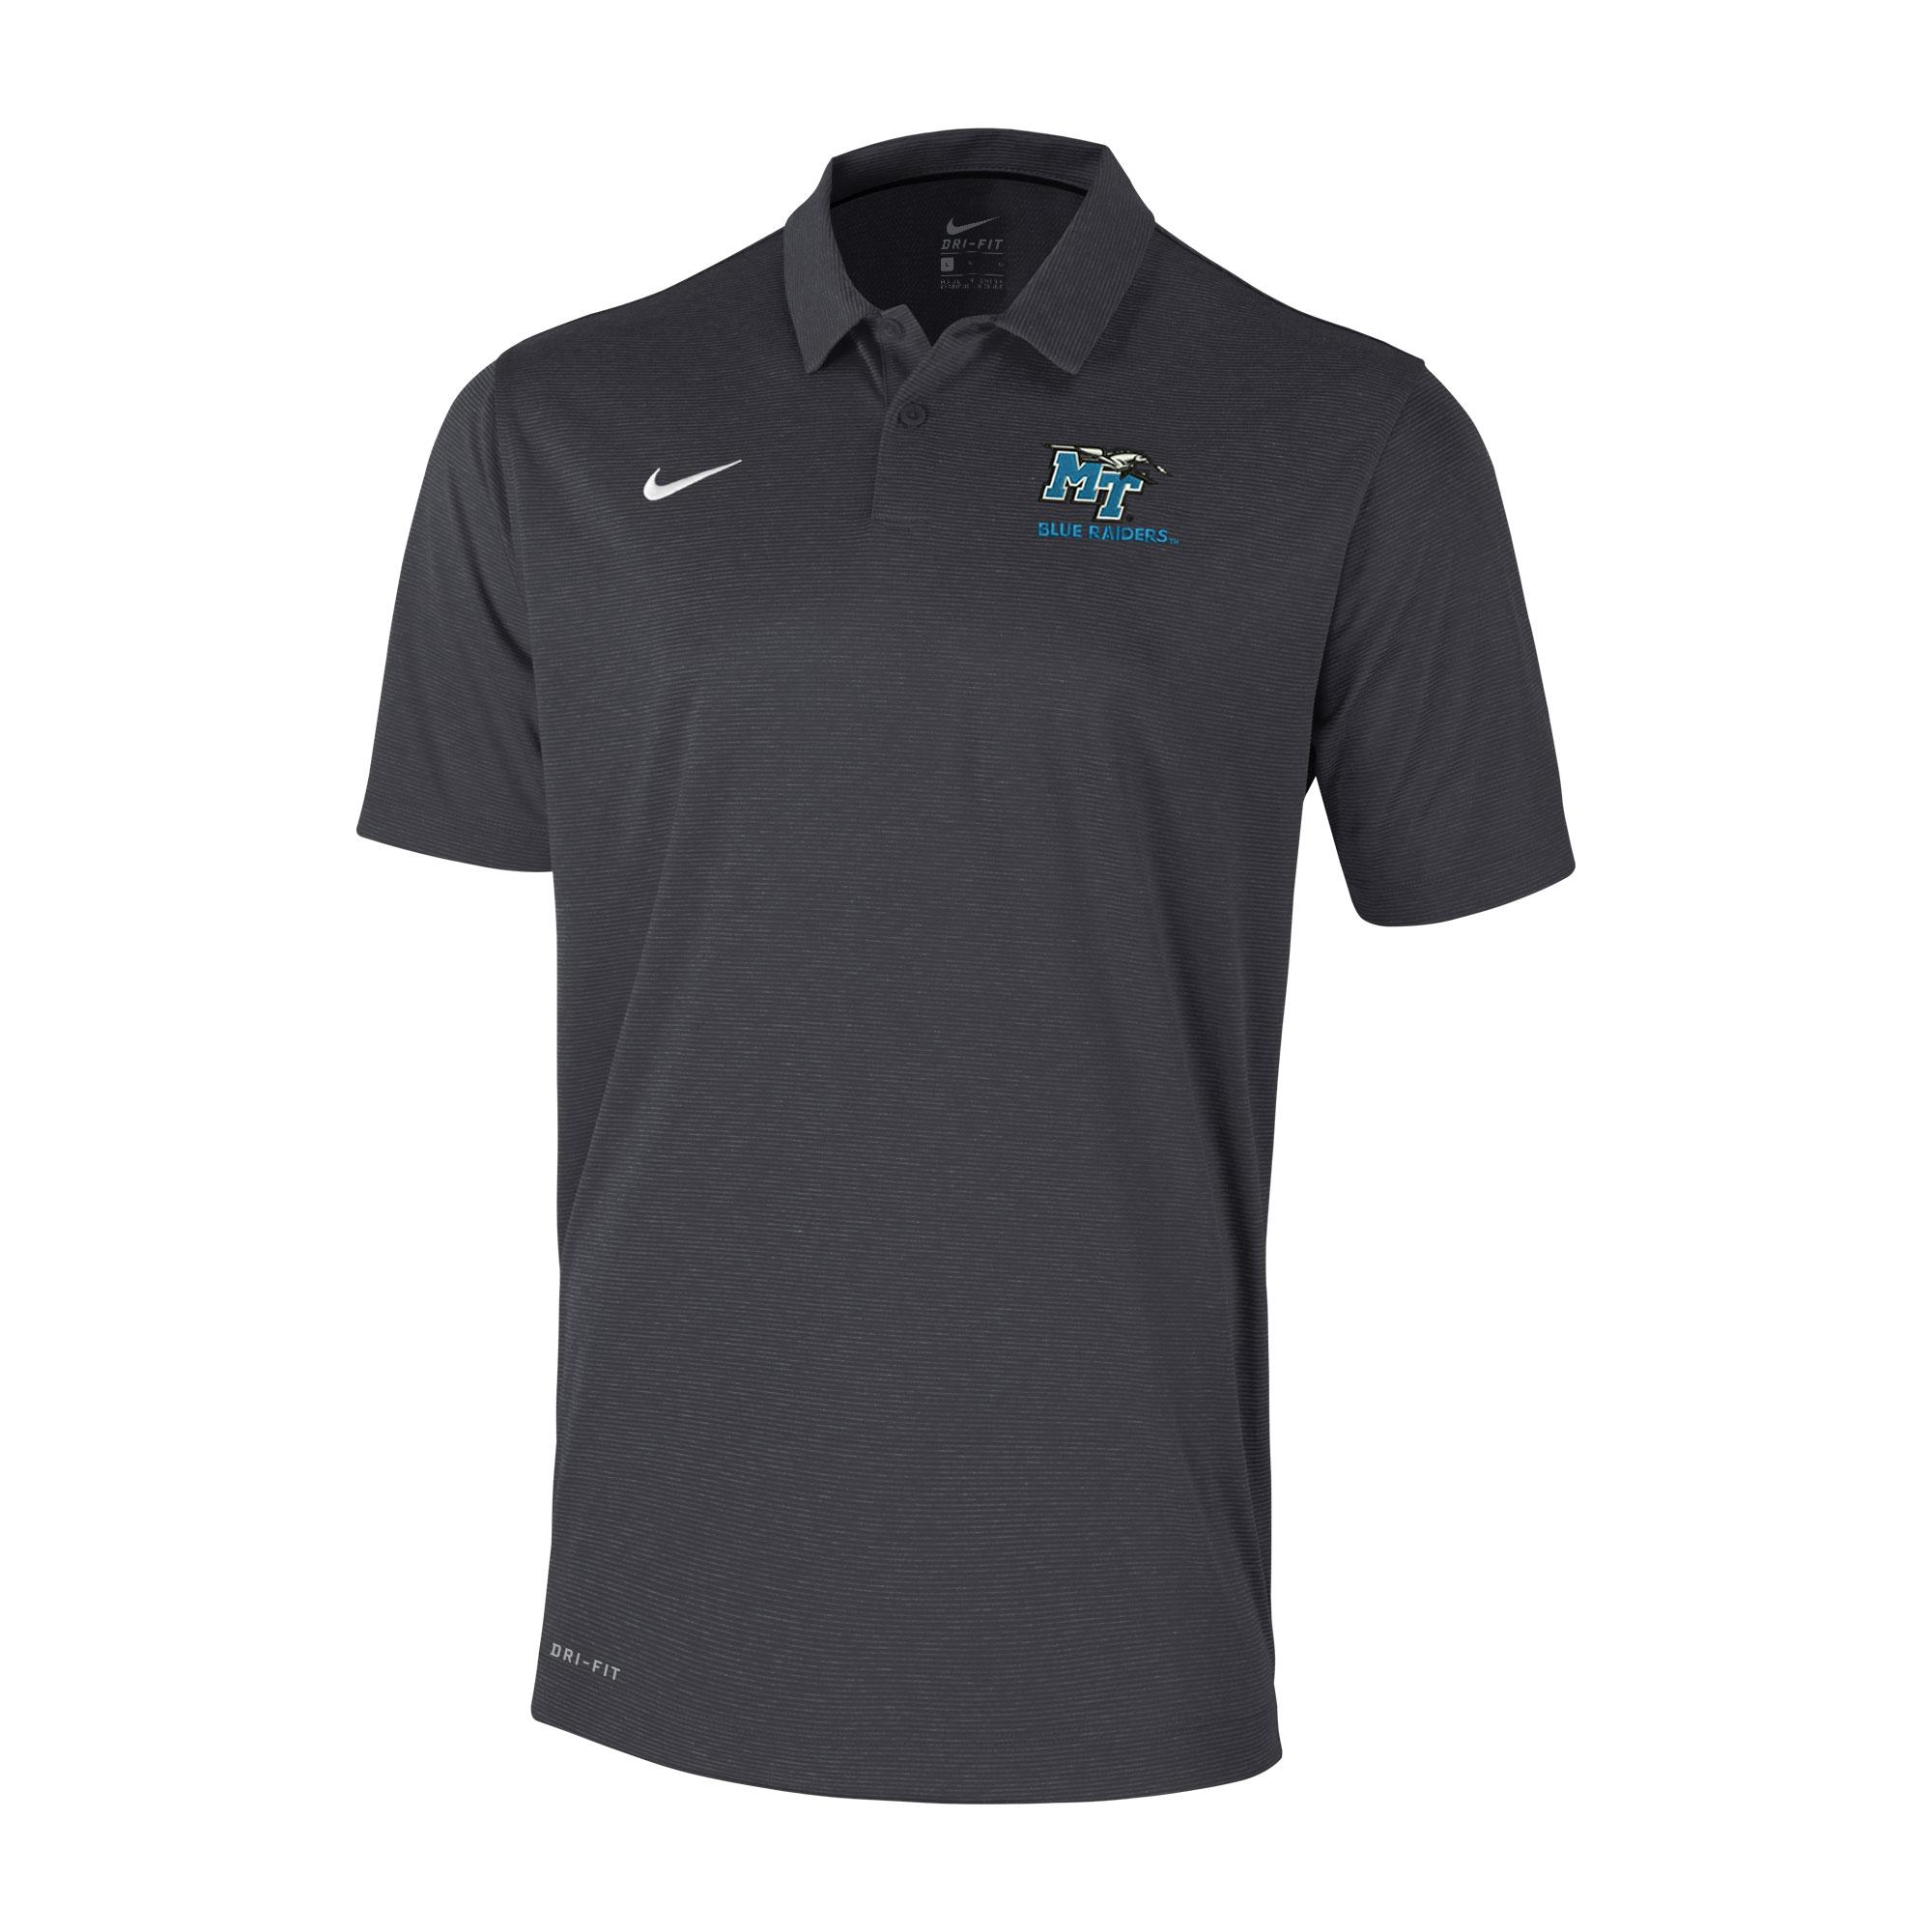 MT Blue Raiders Early Season Nike® Polo